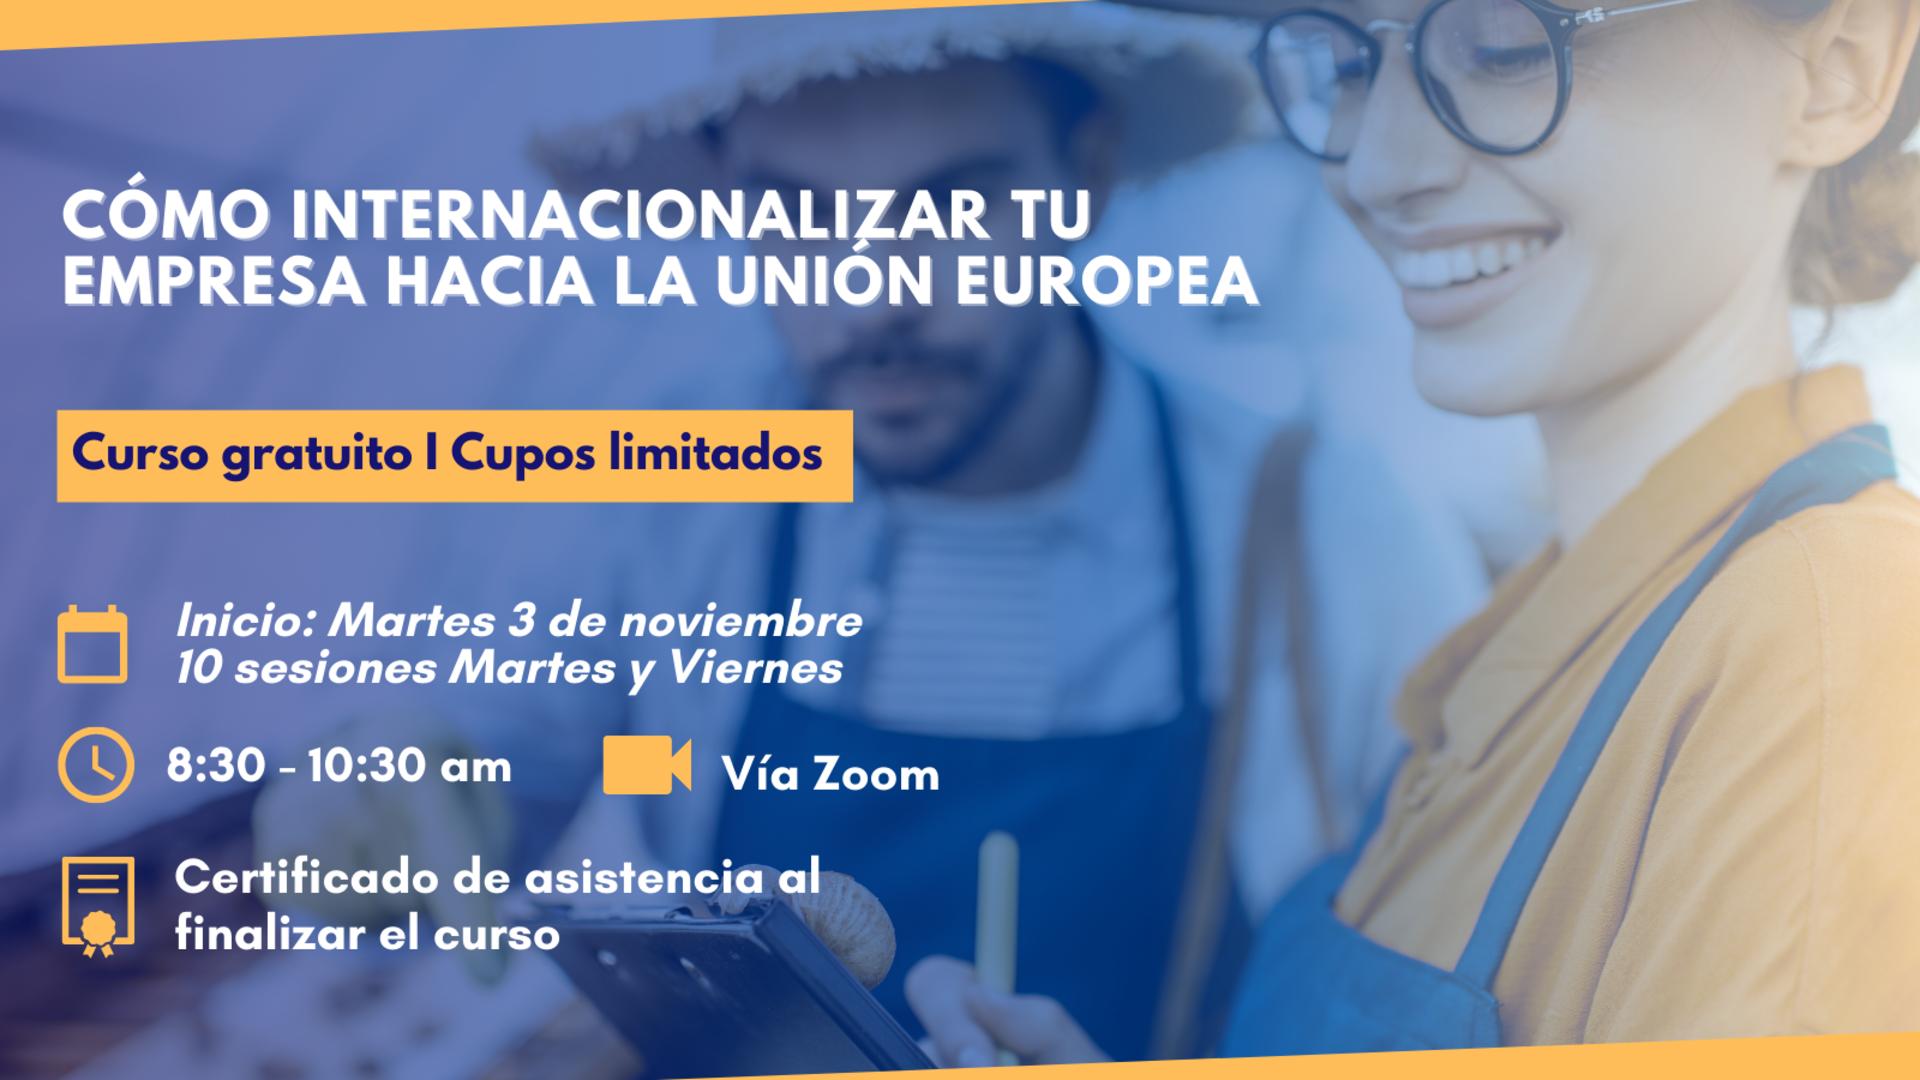 INNOVACION - EMPRENDIMIENTOS - Proyecto INSPYRAME UE - Curso virtual sobre internacionalización hacia Unión Europea